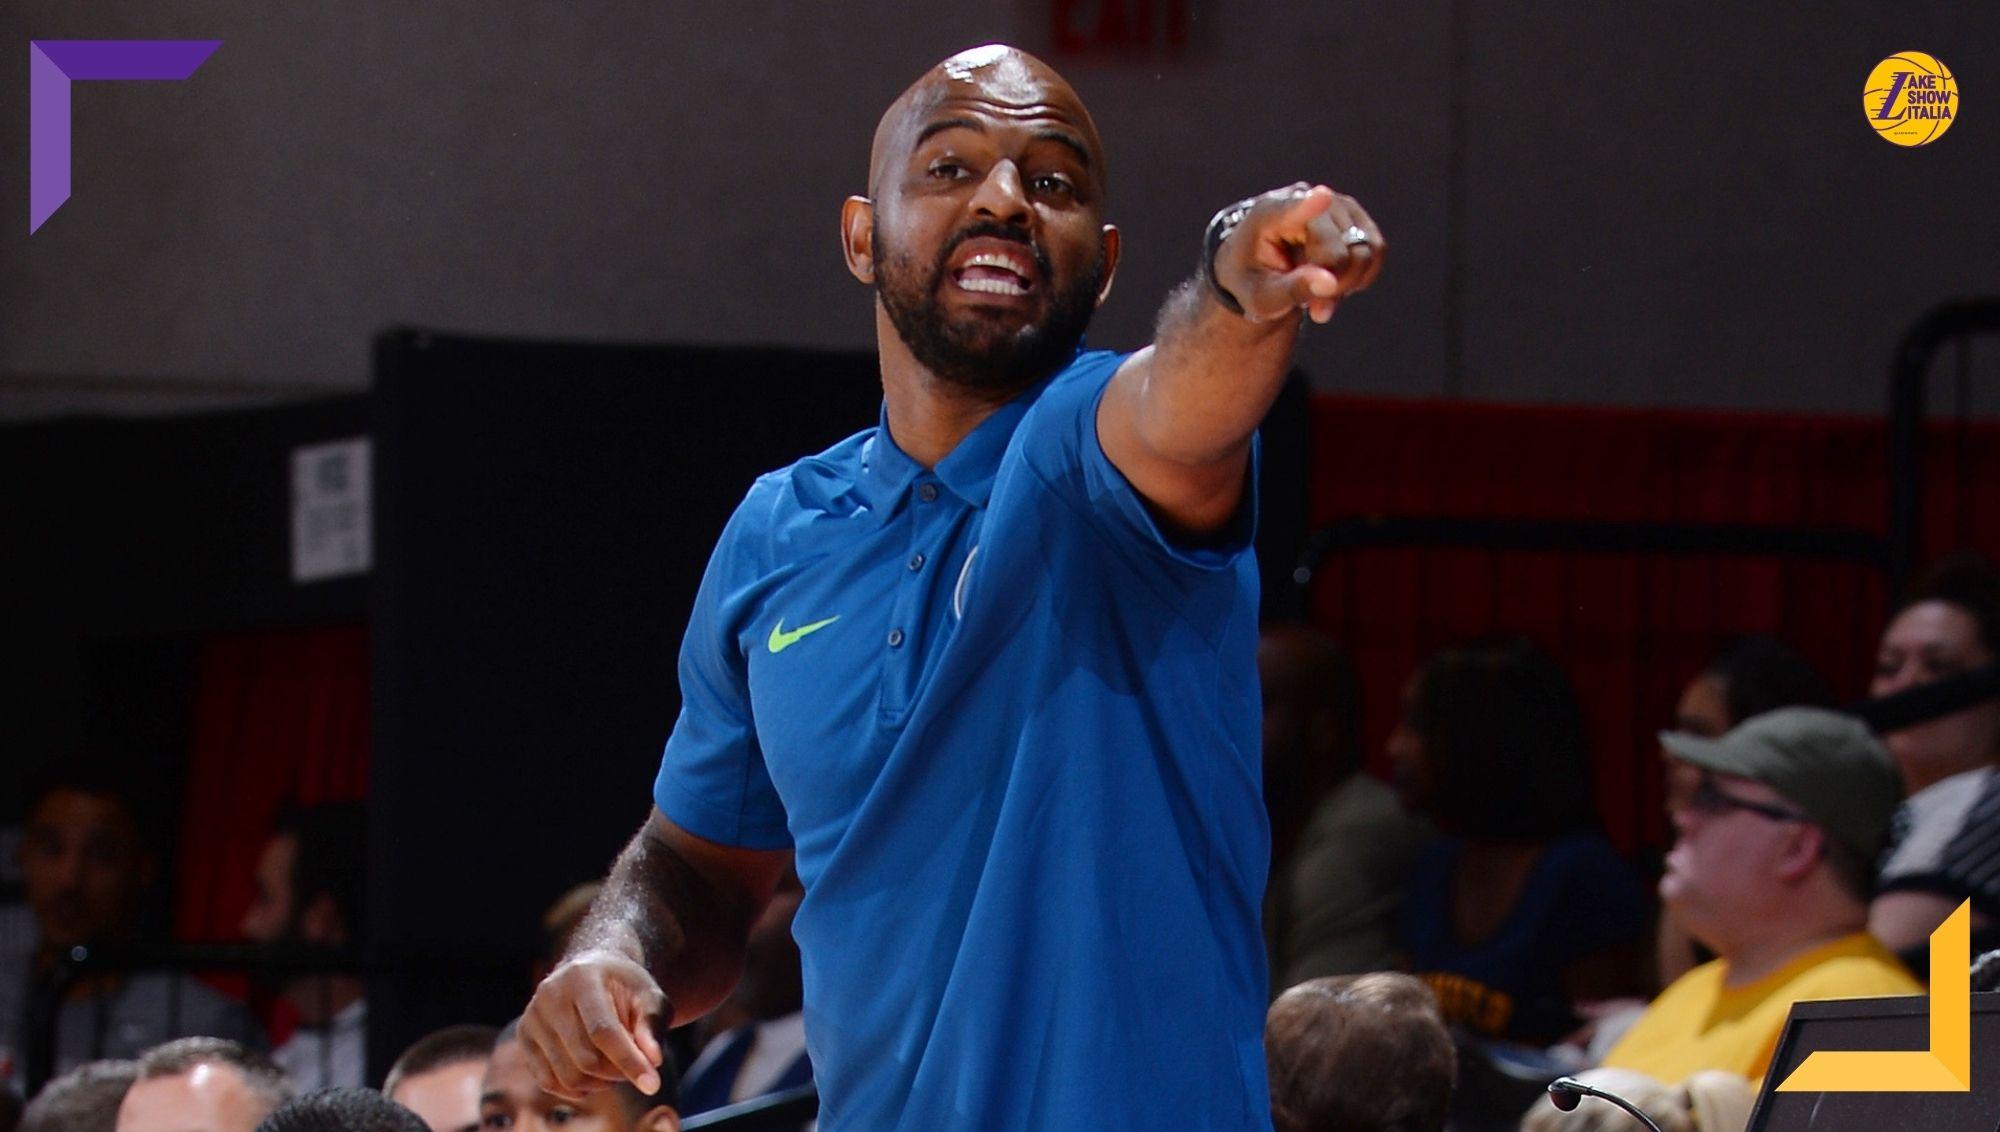 John Lucas III entra nello staff dei Los Angeles Lakers. Il coach si occuperà dello sviluppo dei giocatori e del rapporto tra staff e roster.